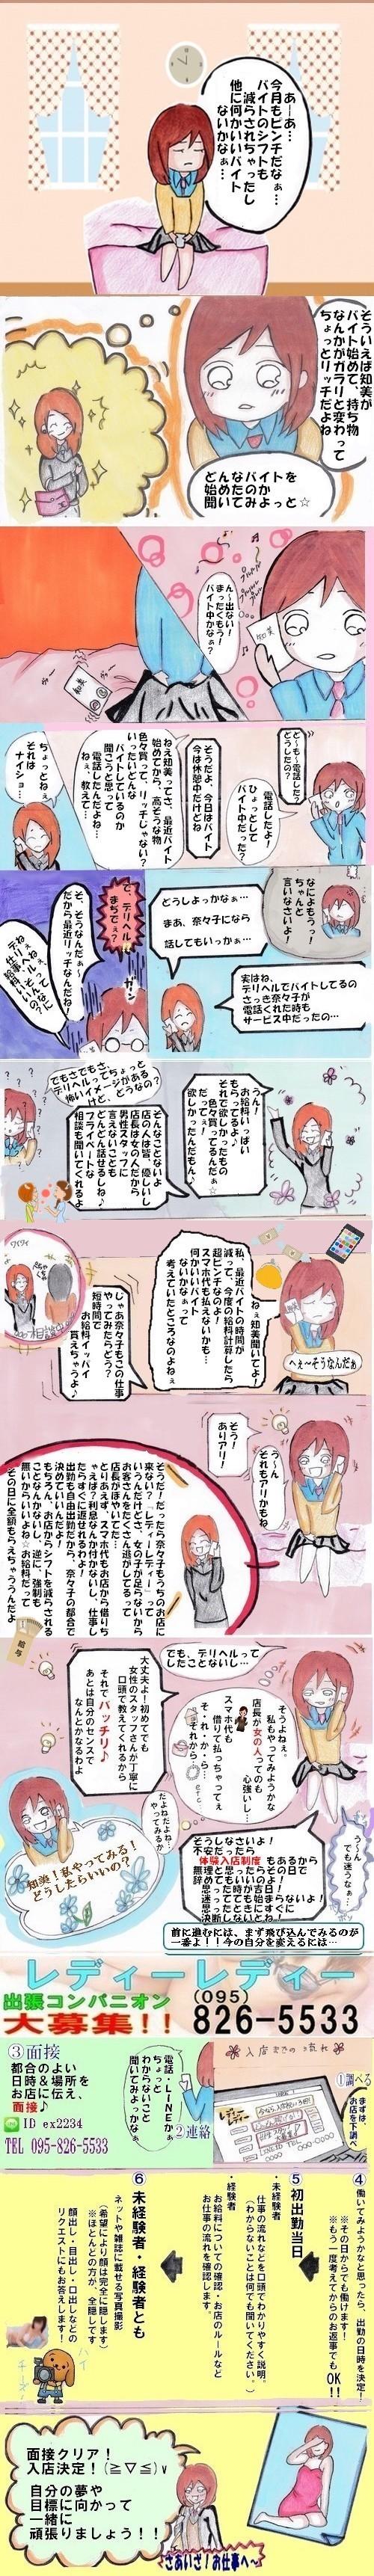 レディー・レディーの求人マンガ(page1)